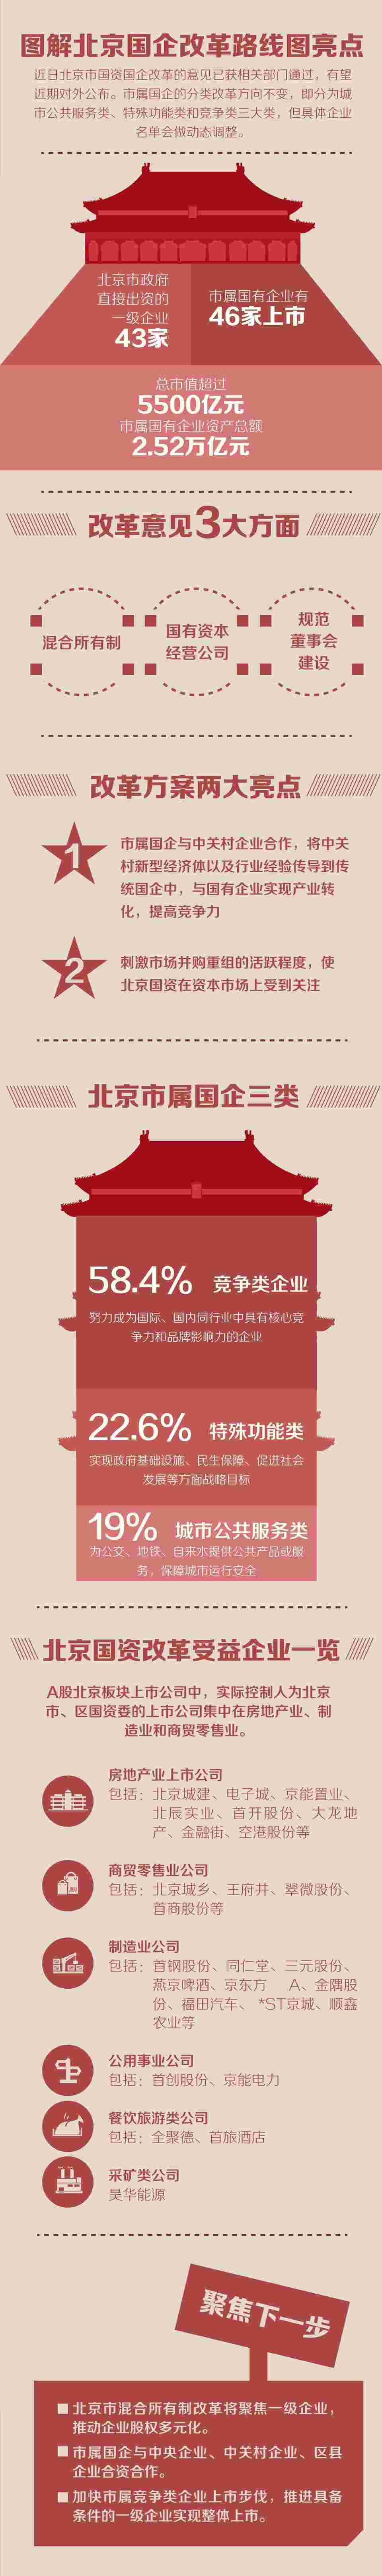 北京国资改革路线图亮点